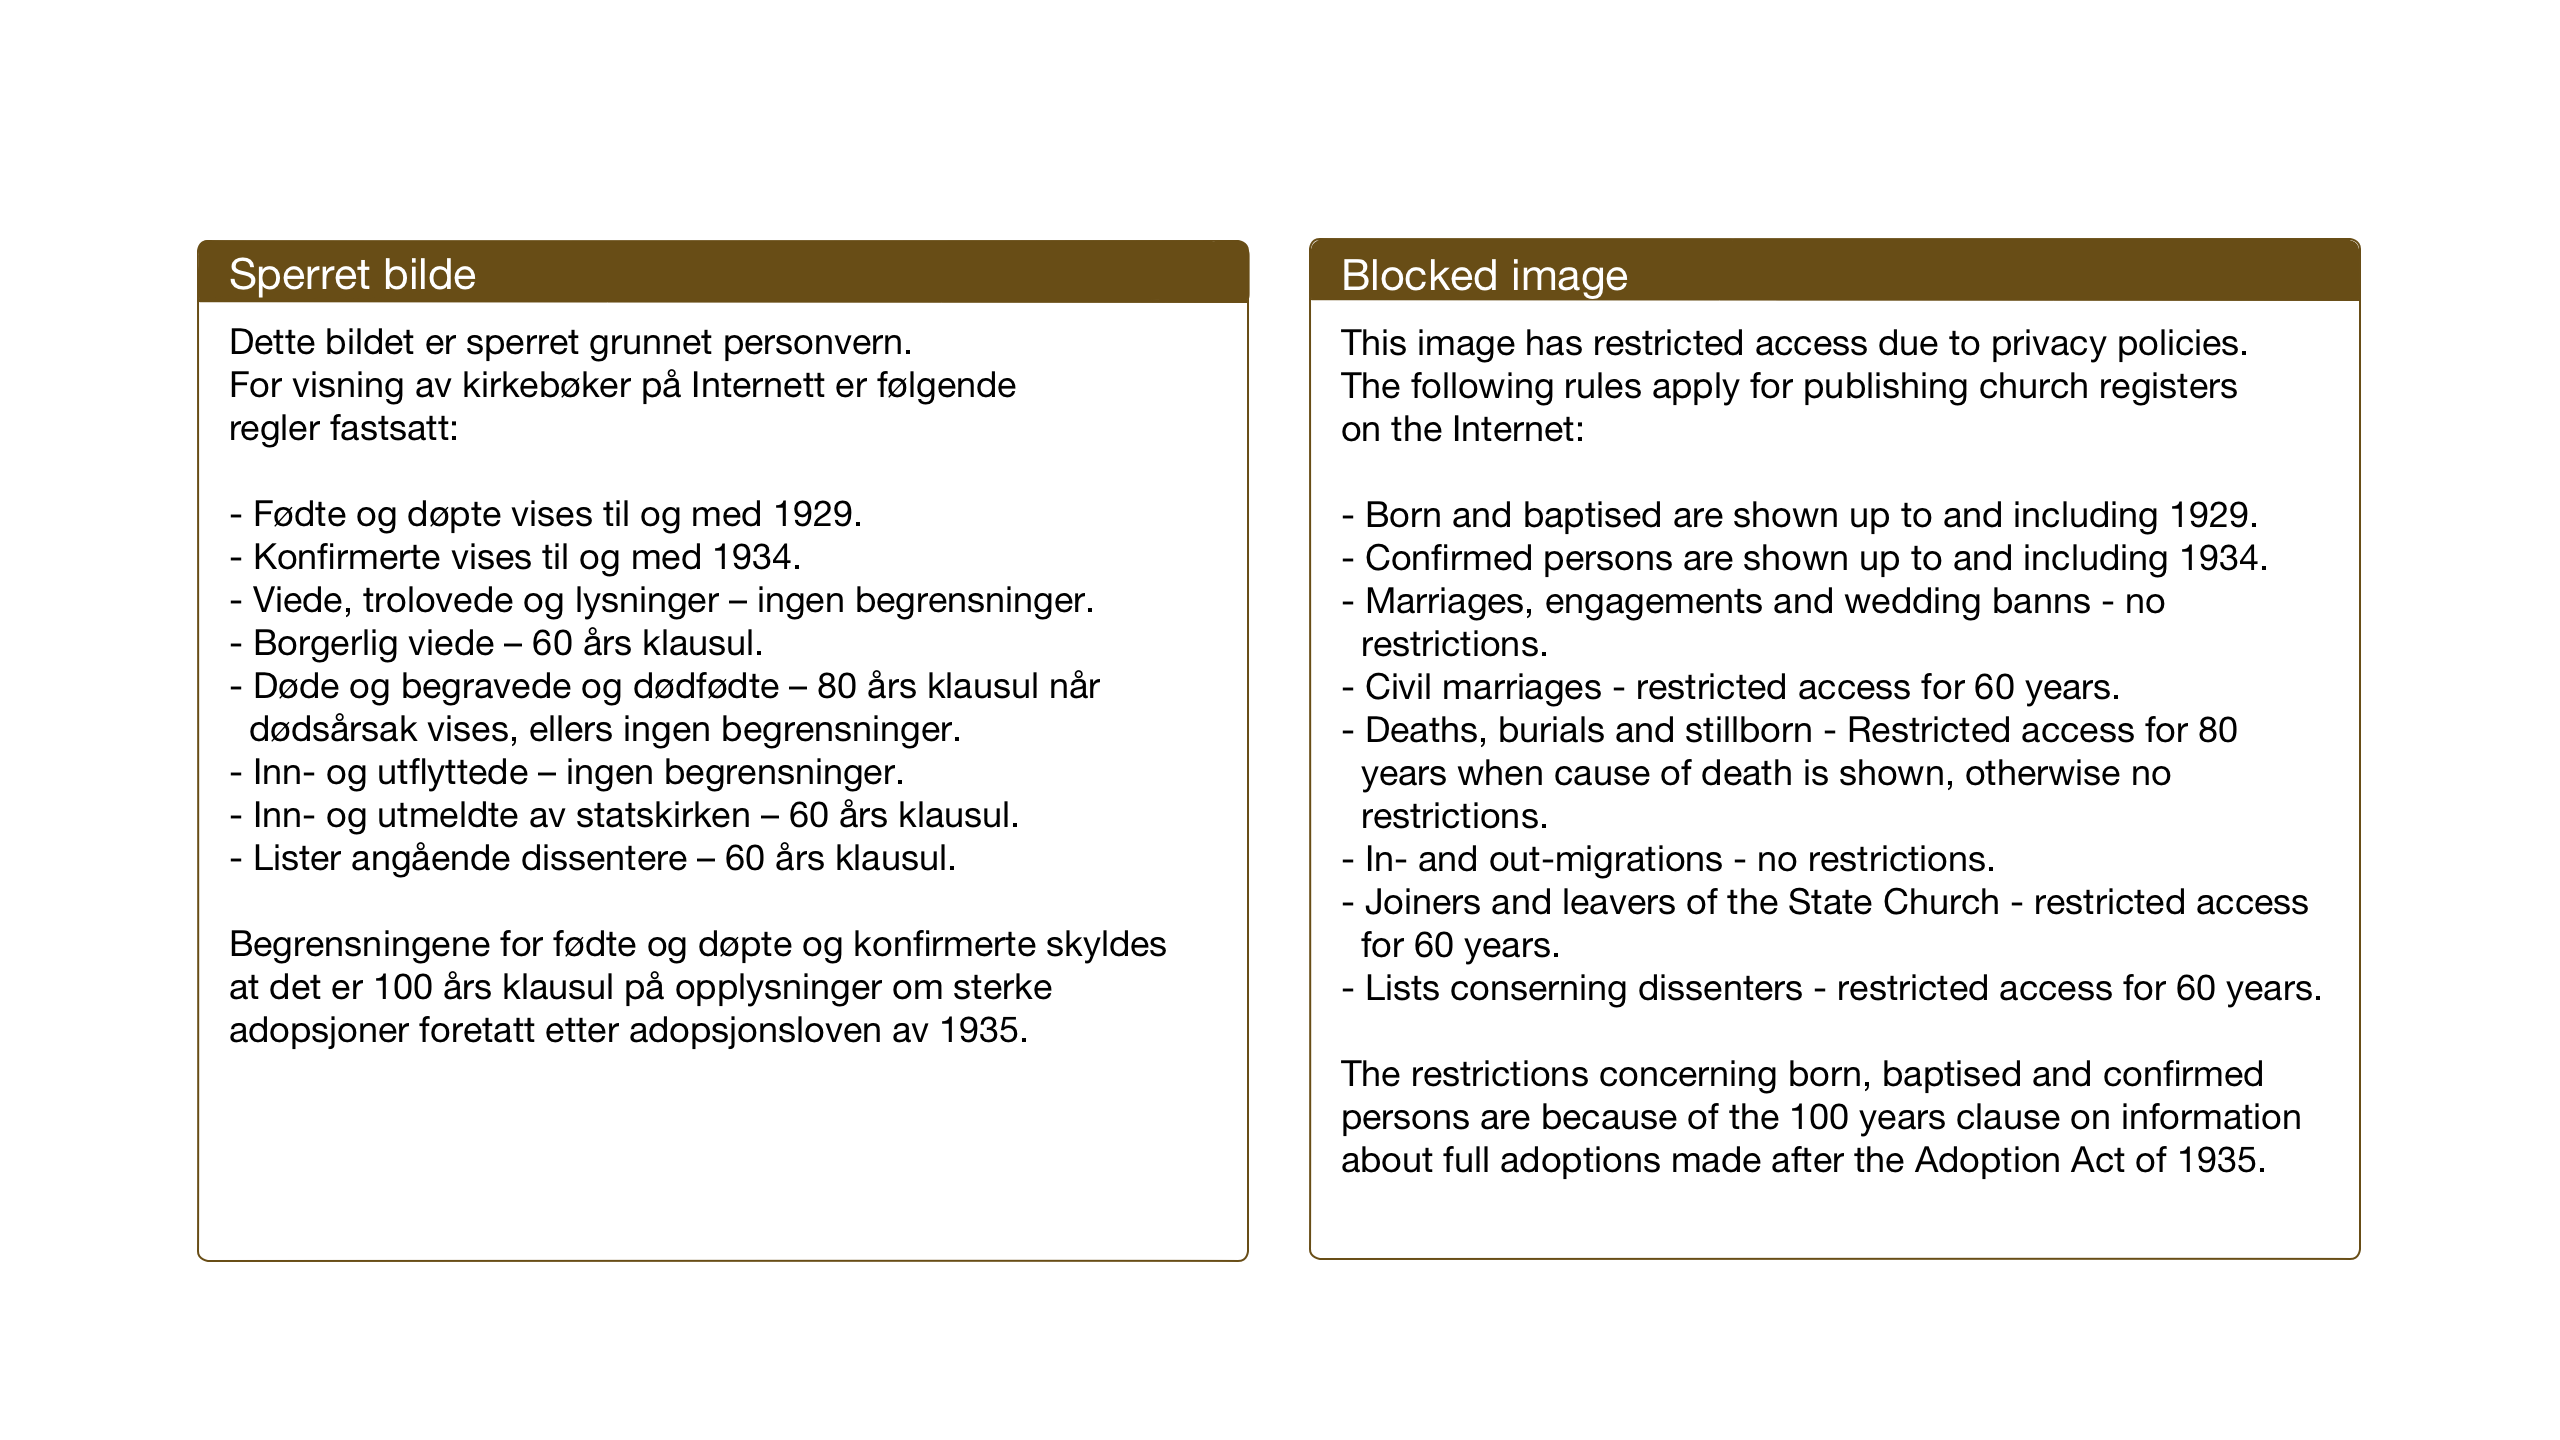 SAT, Ministerialprotokoller, klokkerbøker og fødselsregistre - Sør-Trøndelag, 637/L0563: Klokkerbok nr. 637C04, 1899-1940, s. 82